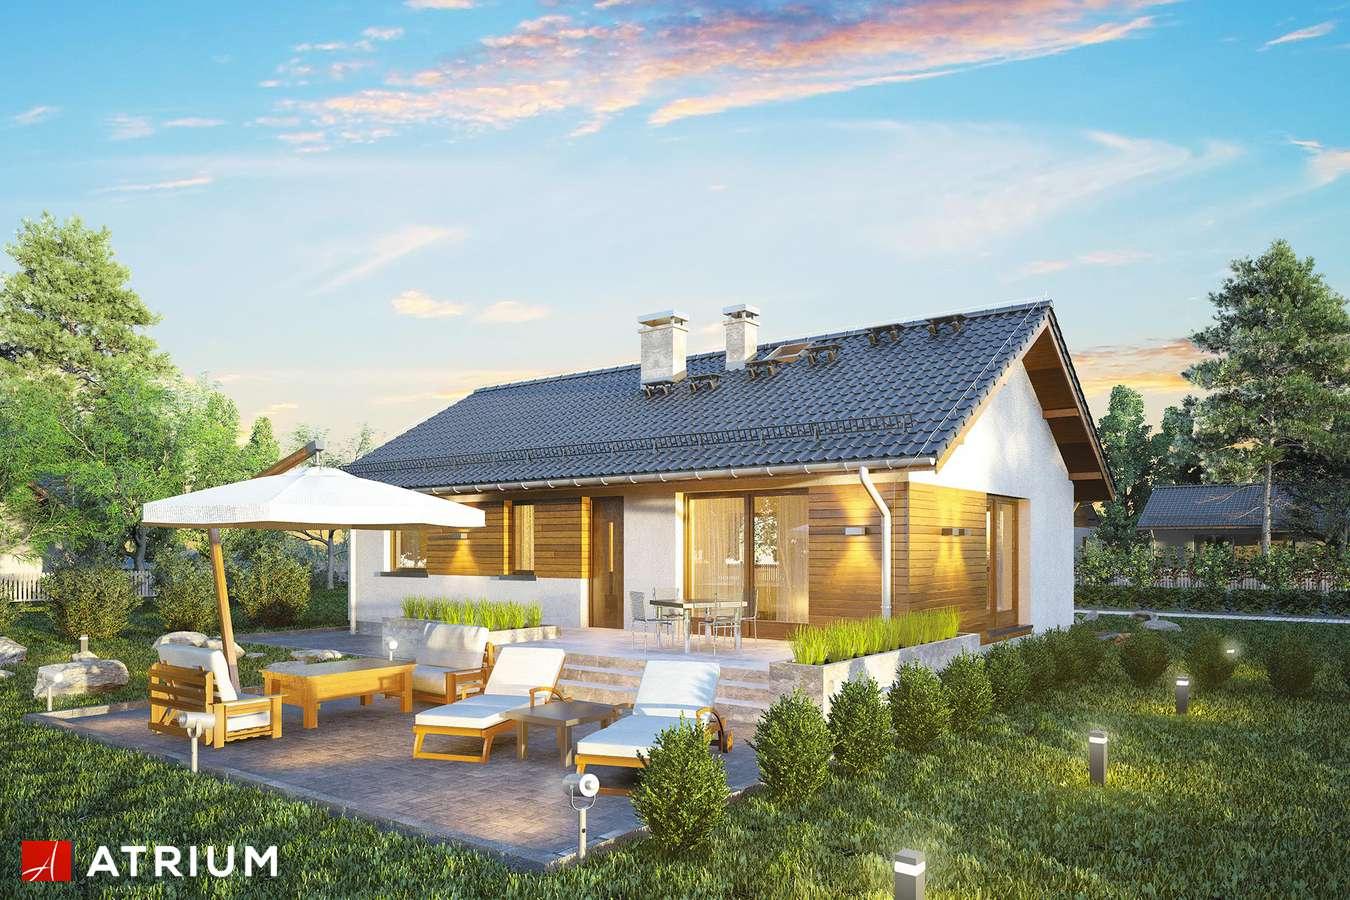 Projekty domów - Projekt domu parterowego AURORA MIDI - wizualizacja 1 - wersja lustrzana